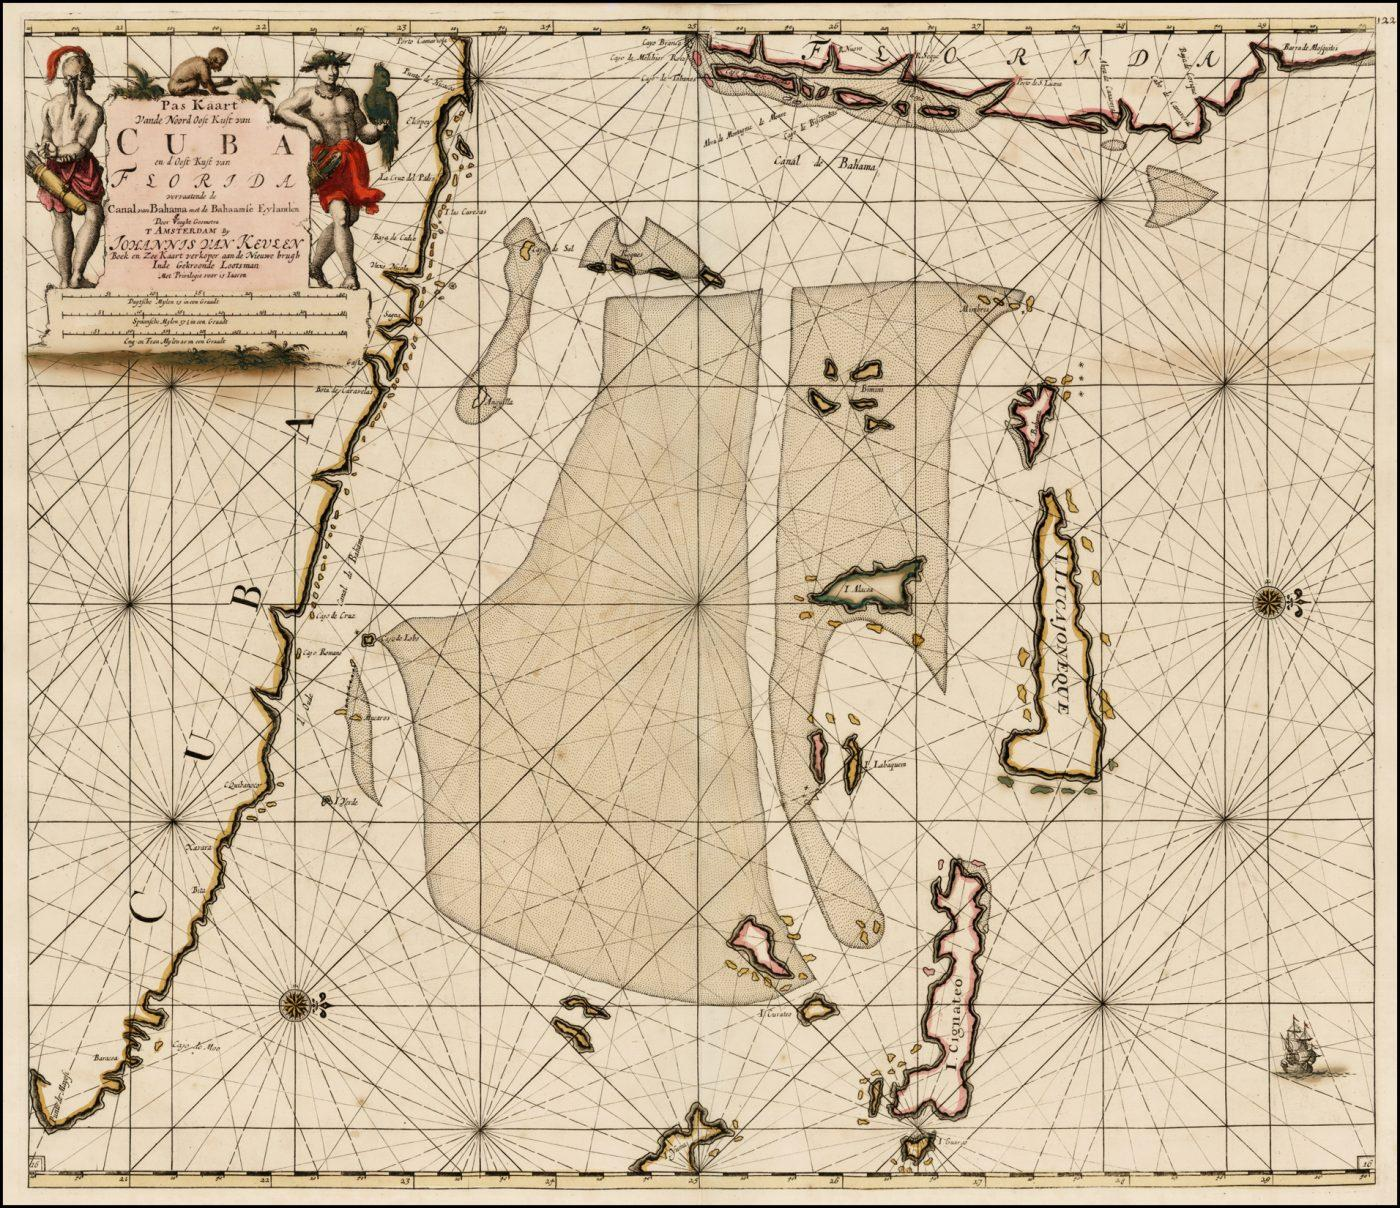 Античная карта Ван Кеулена Юго-Восточной Флориды, Кубы и Багамского канала